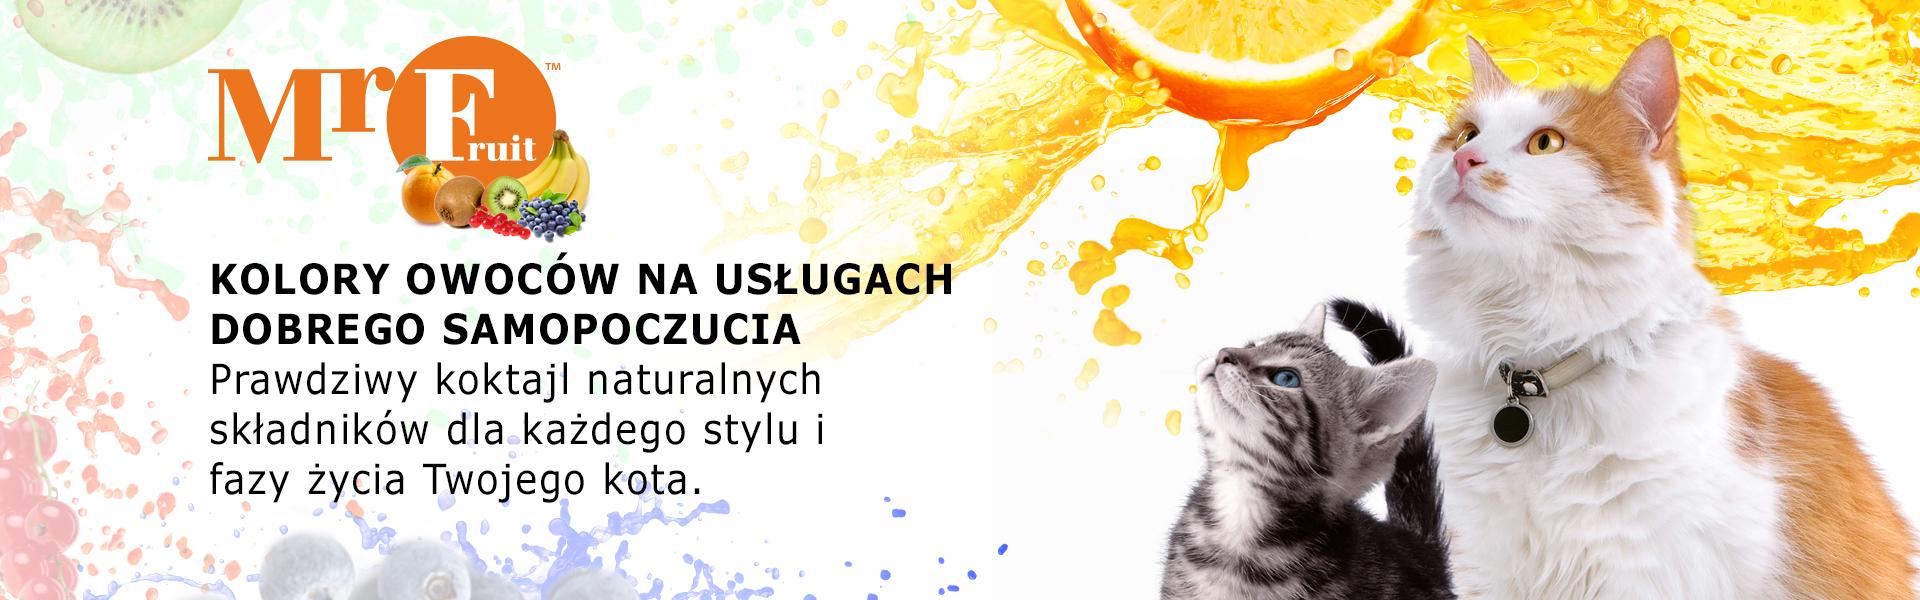 MrFruit, kolory owoców na usługach dobrego samopoczucia. Prawdziwy koktail naturalnych składników dla każdego stylu i fazy życia Twojego kota.